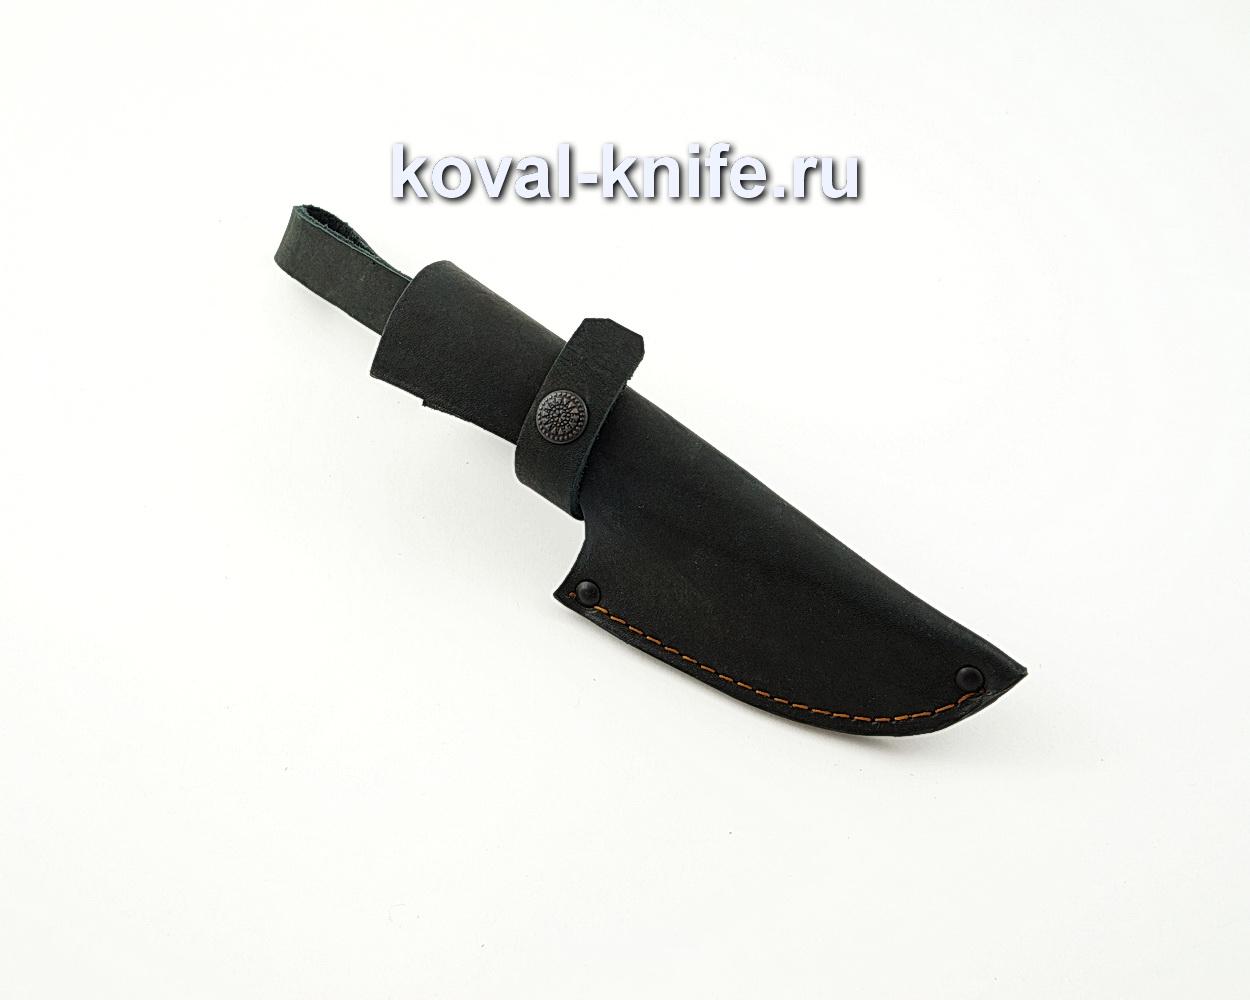 Кожаный чехол (нож бобр)